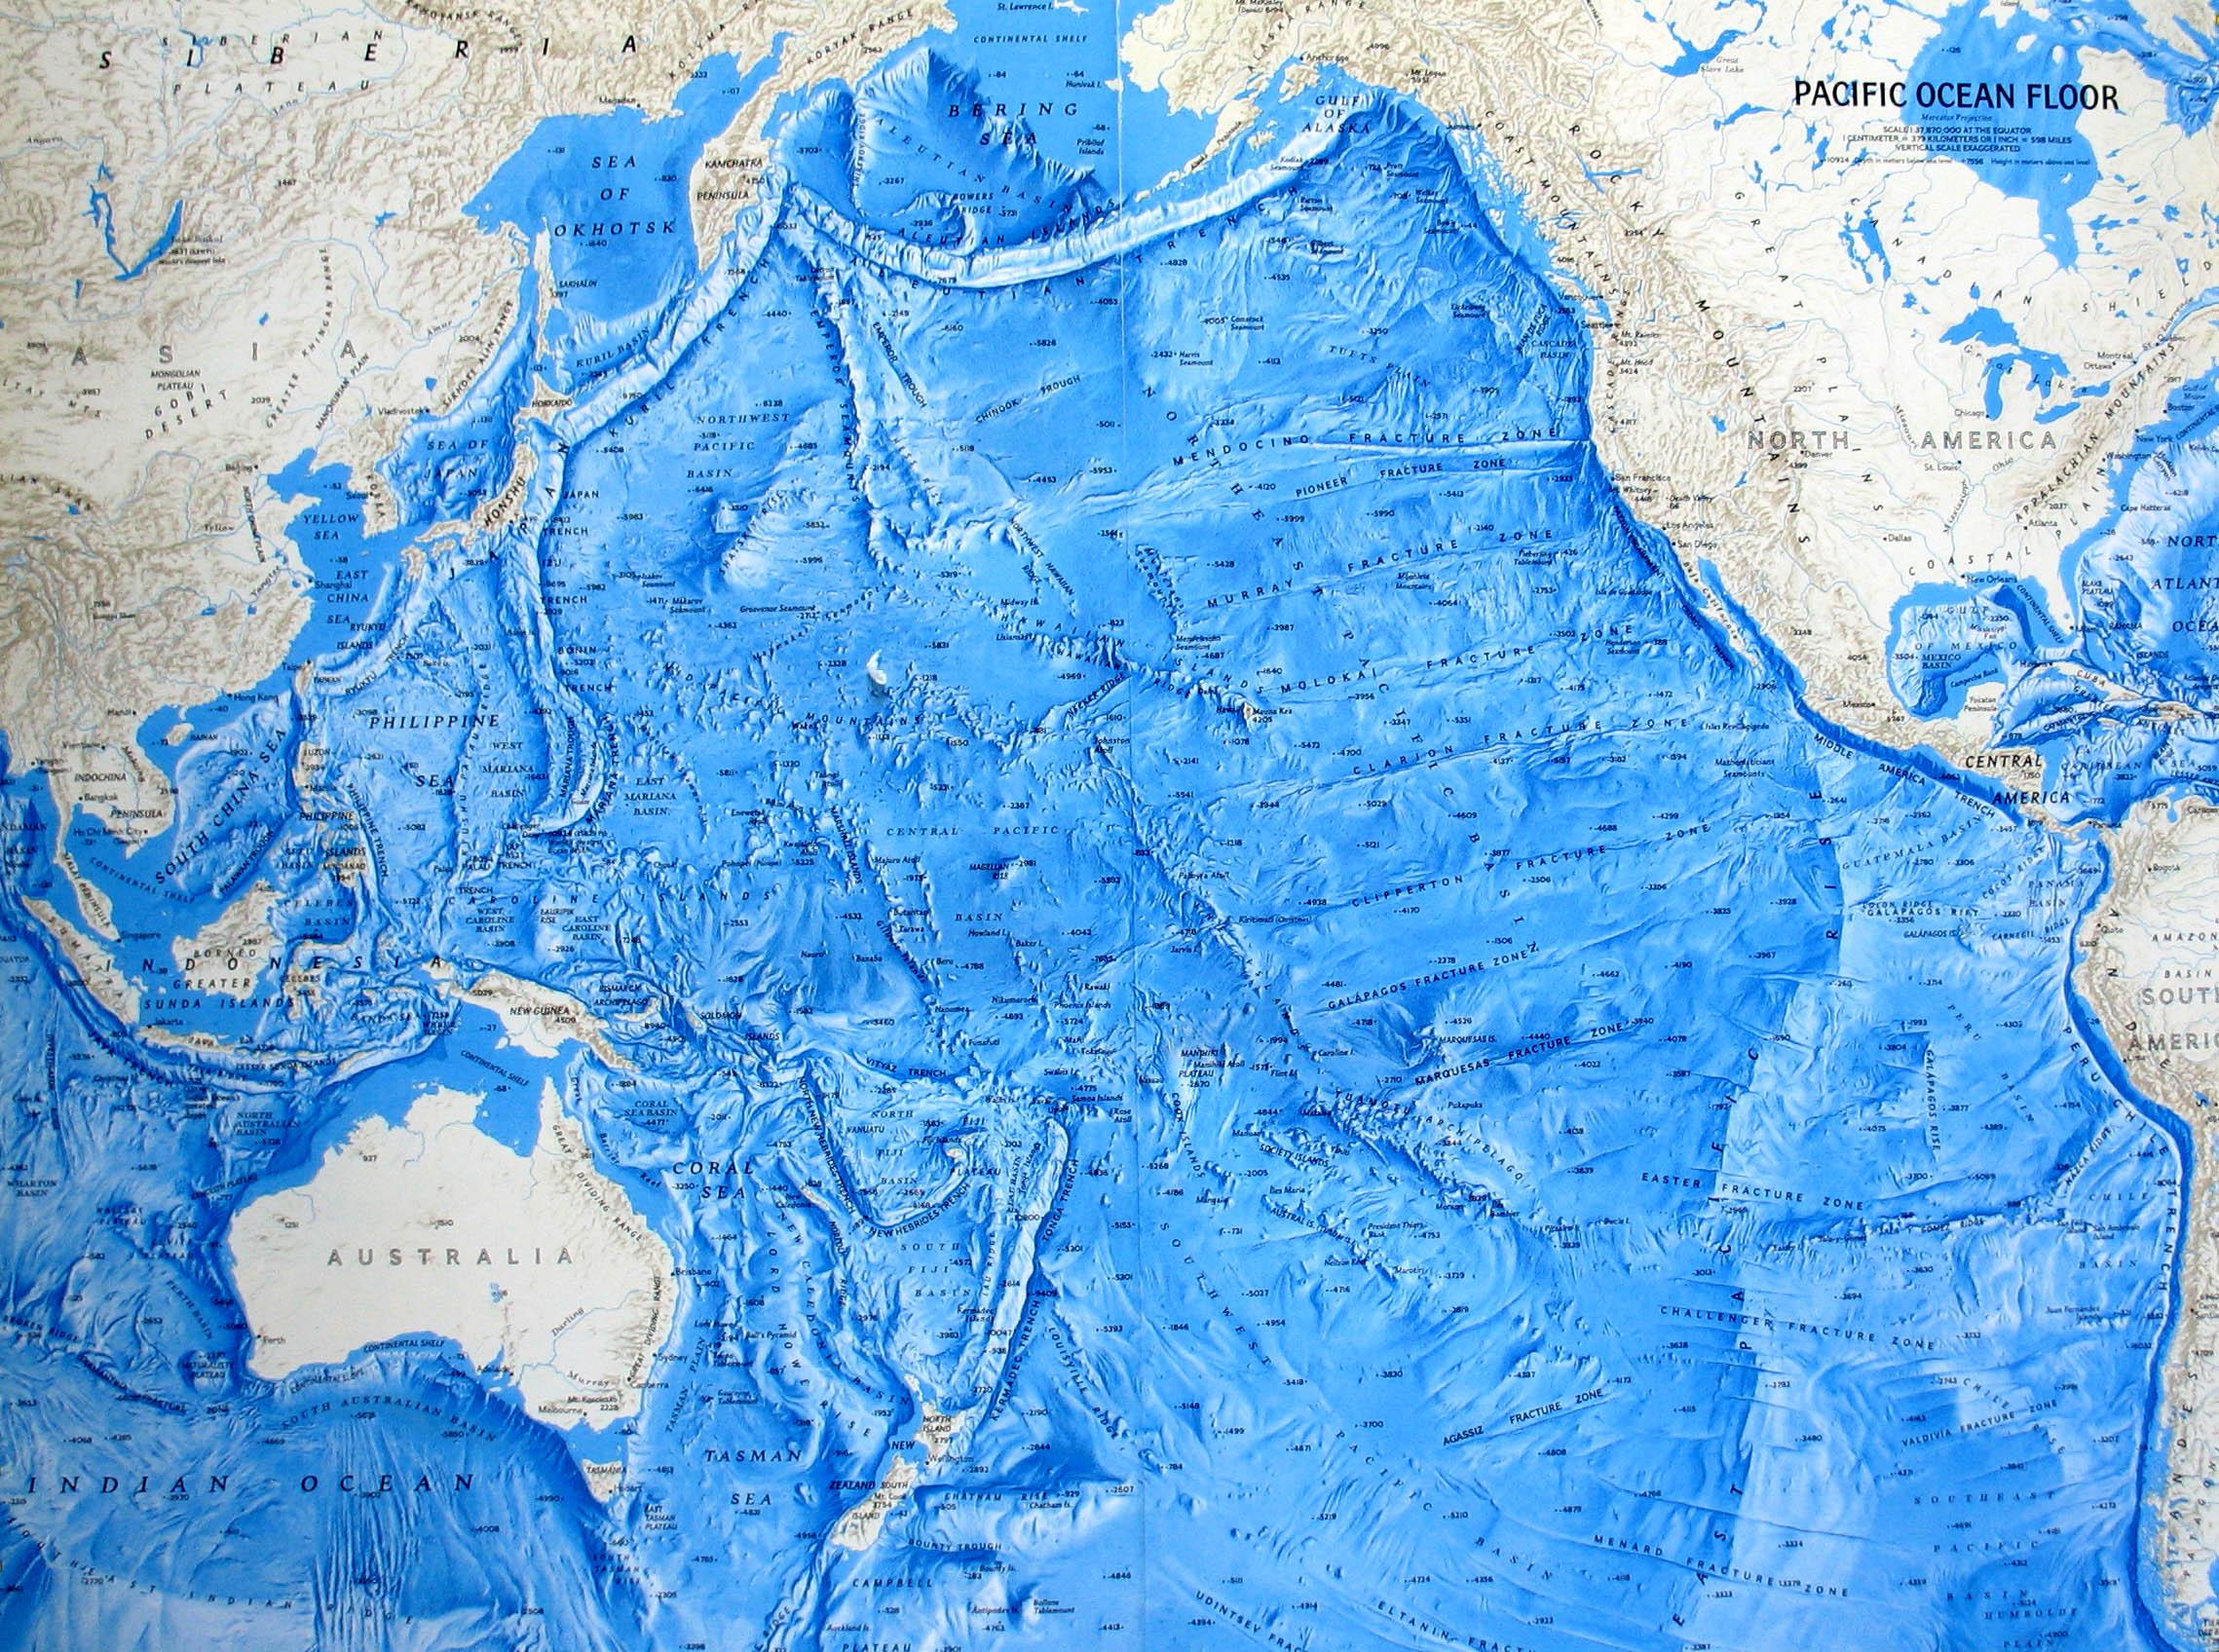 Pacific Ocean map - relief of the oceanic floor ... Pacific Ocean Underwater Map